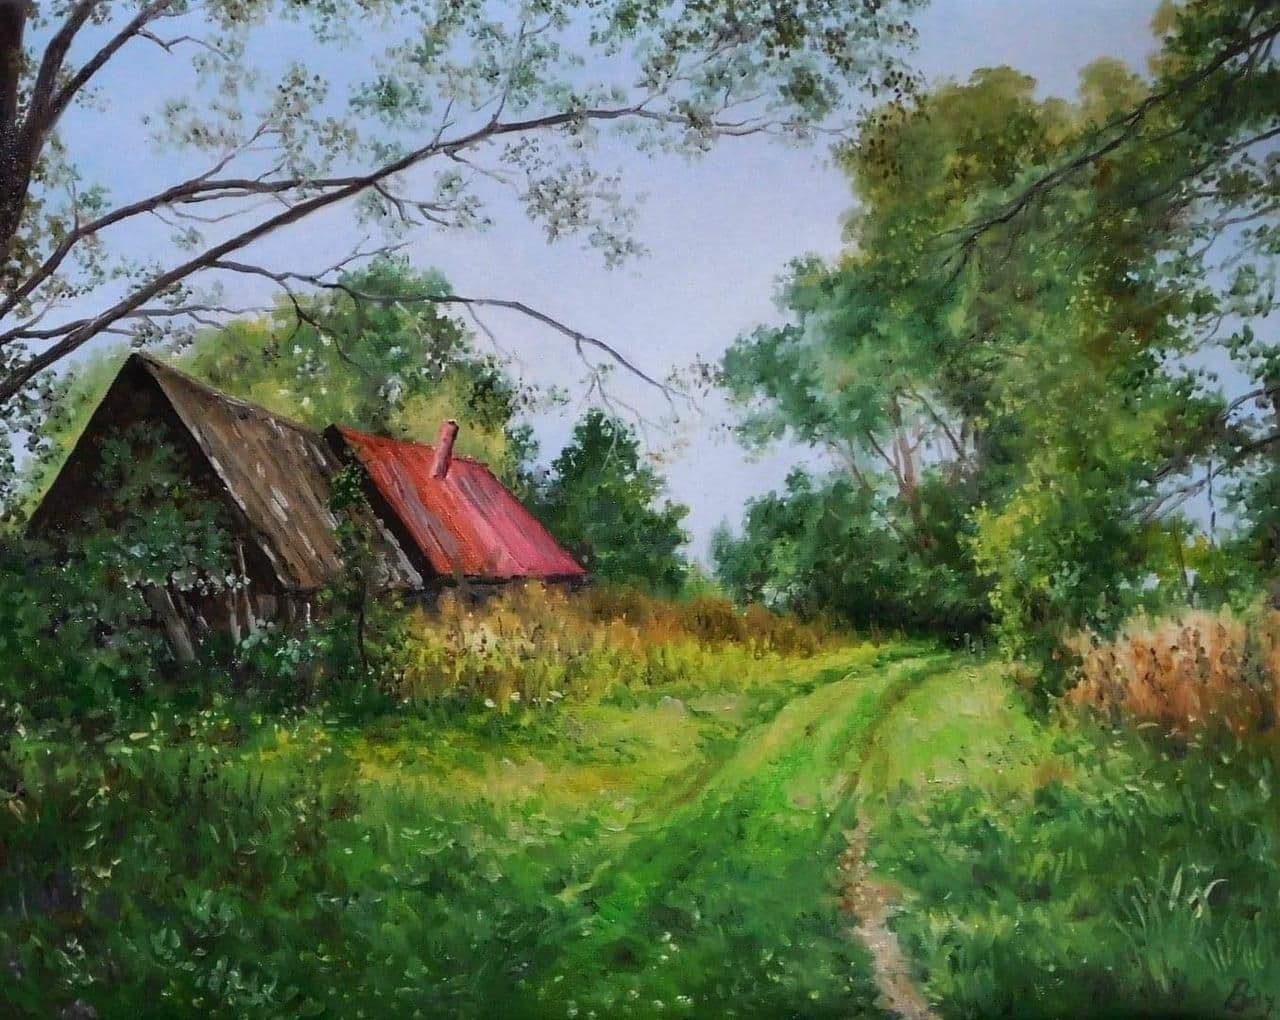 لوحة بريشة الفنان الروسي فلاديمير فاخروشيف